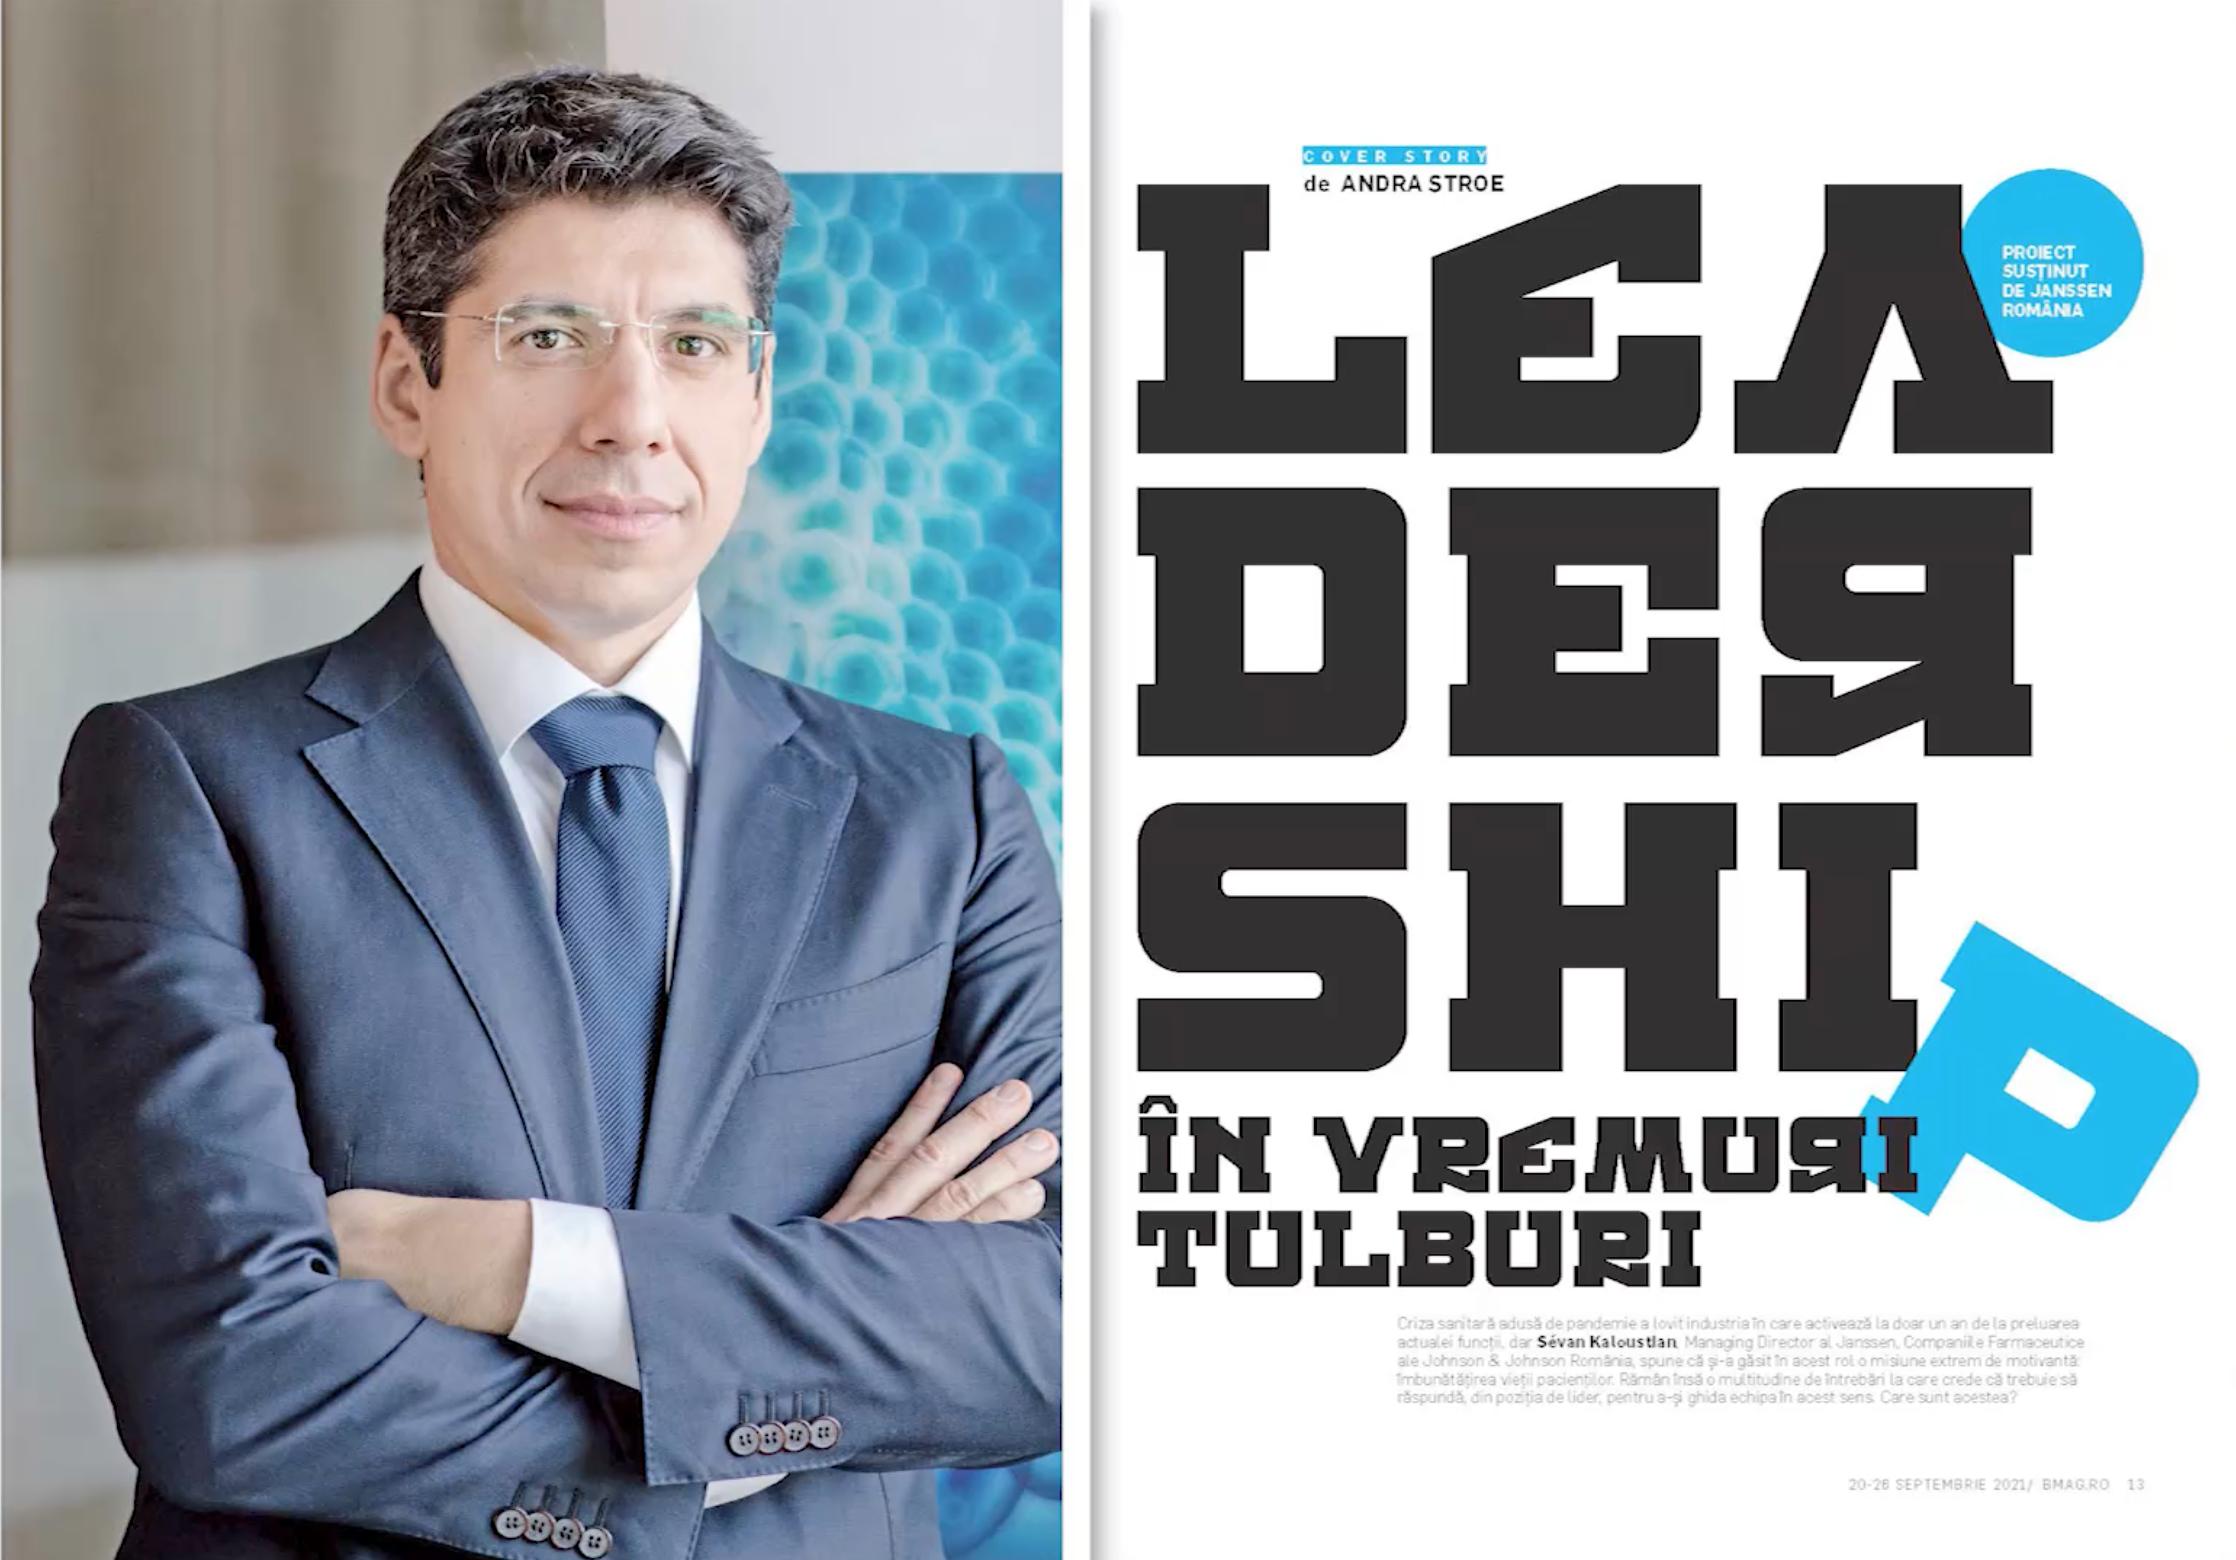 Ce puteţi citi în noul număr al revistei Business Magazin: interviuri cu liderii din sănătate, idei de business de la(...)